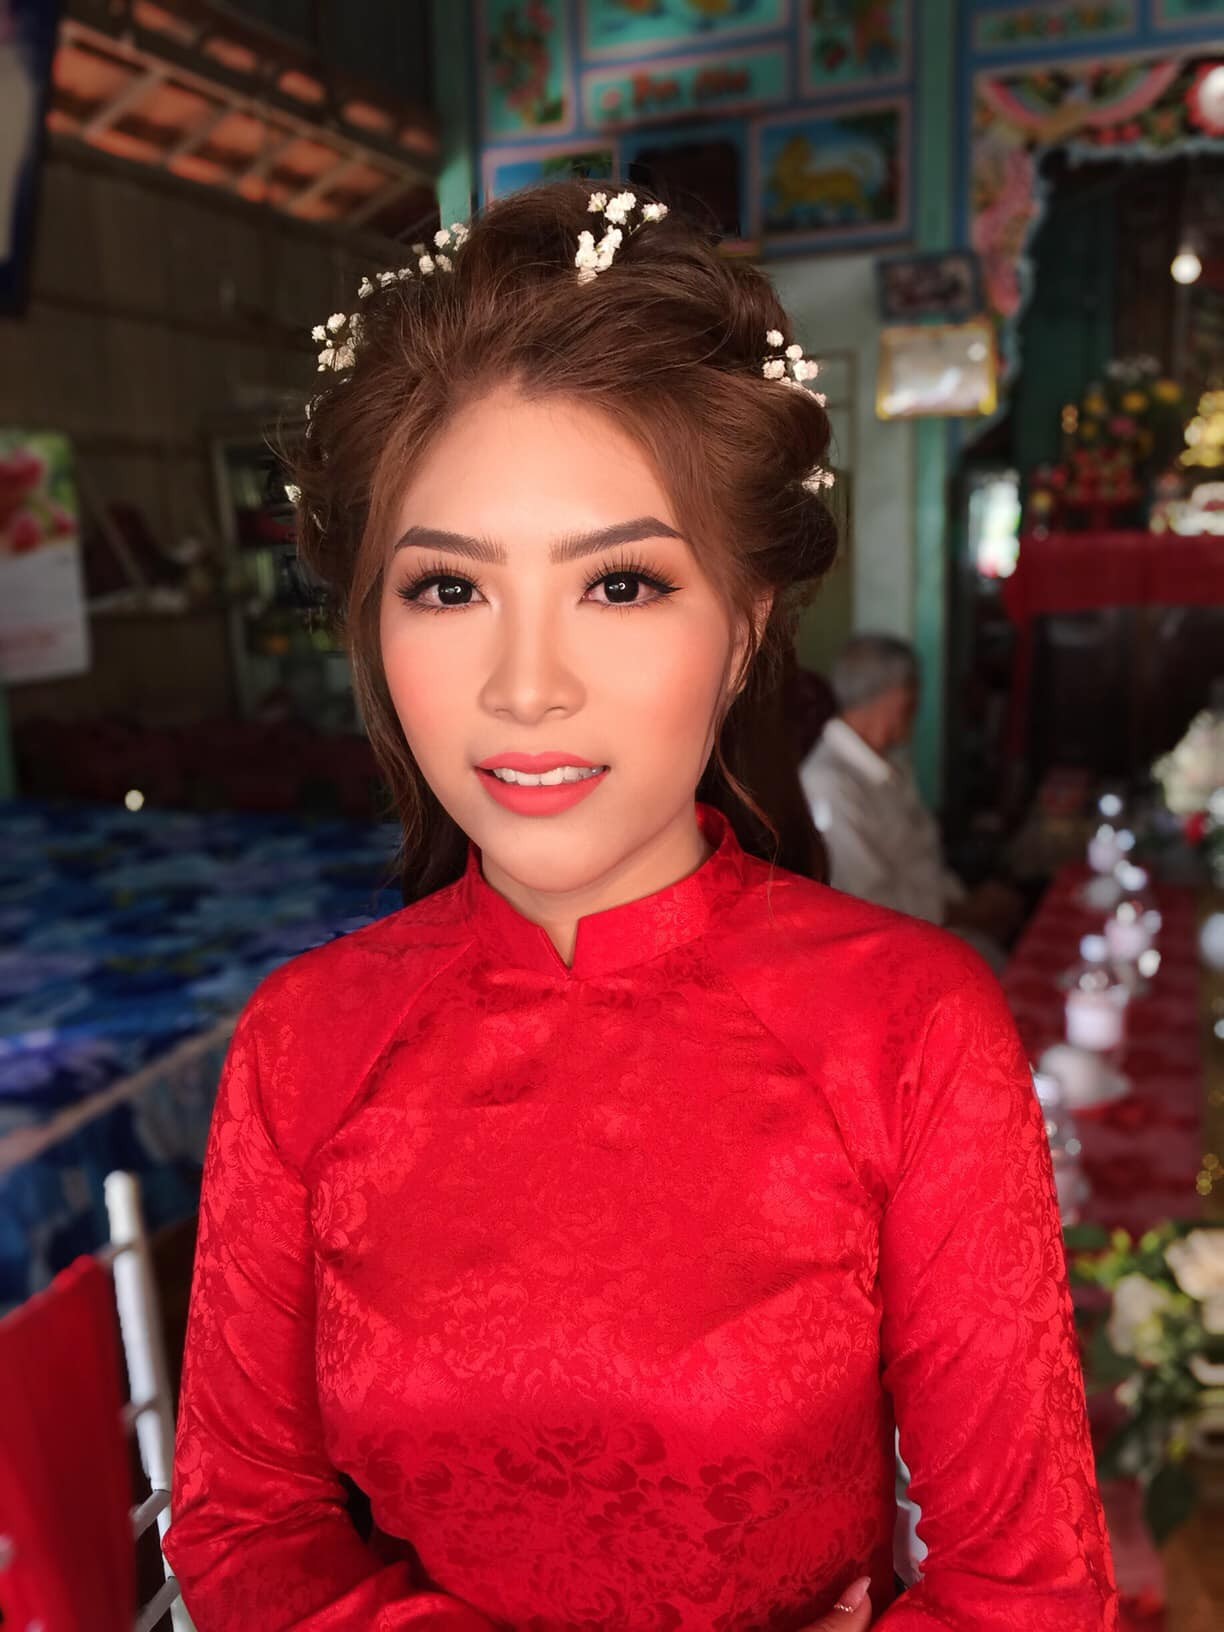 Top 7 tiệm trang điểm cô dâu đẹp nhất tại Đồng Tháp -  Make up Nguyễn Thi